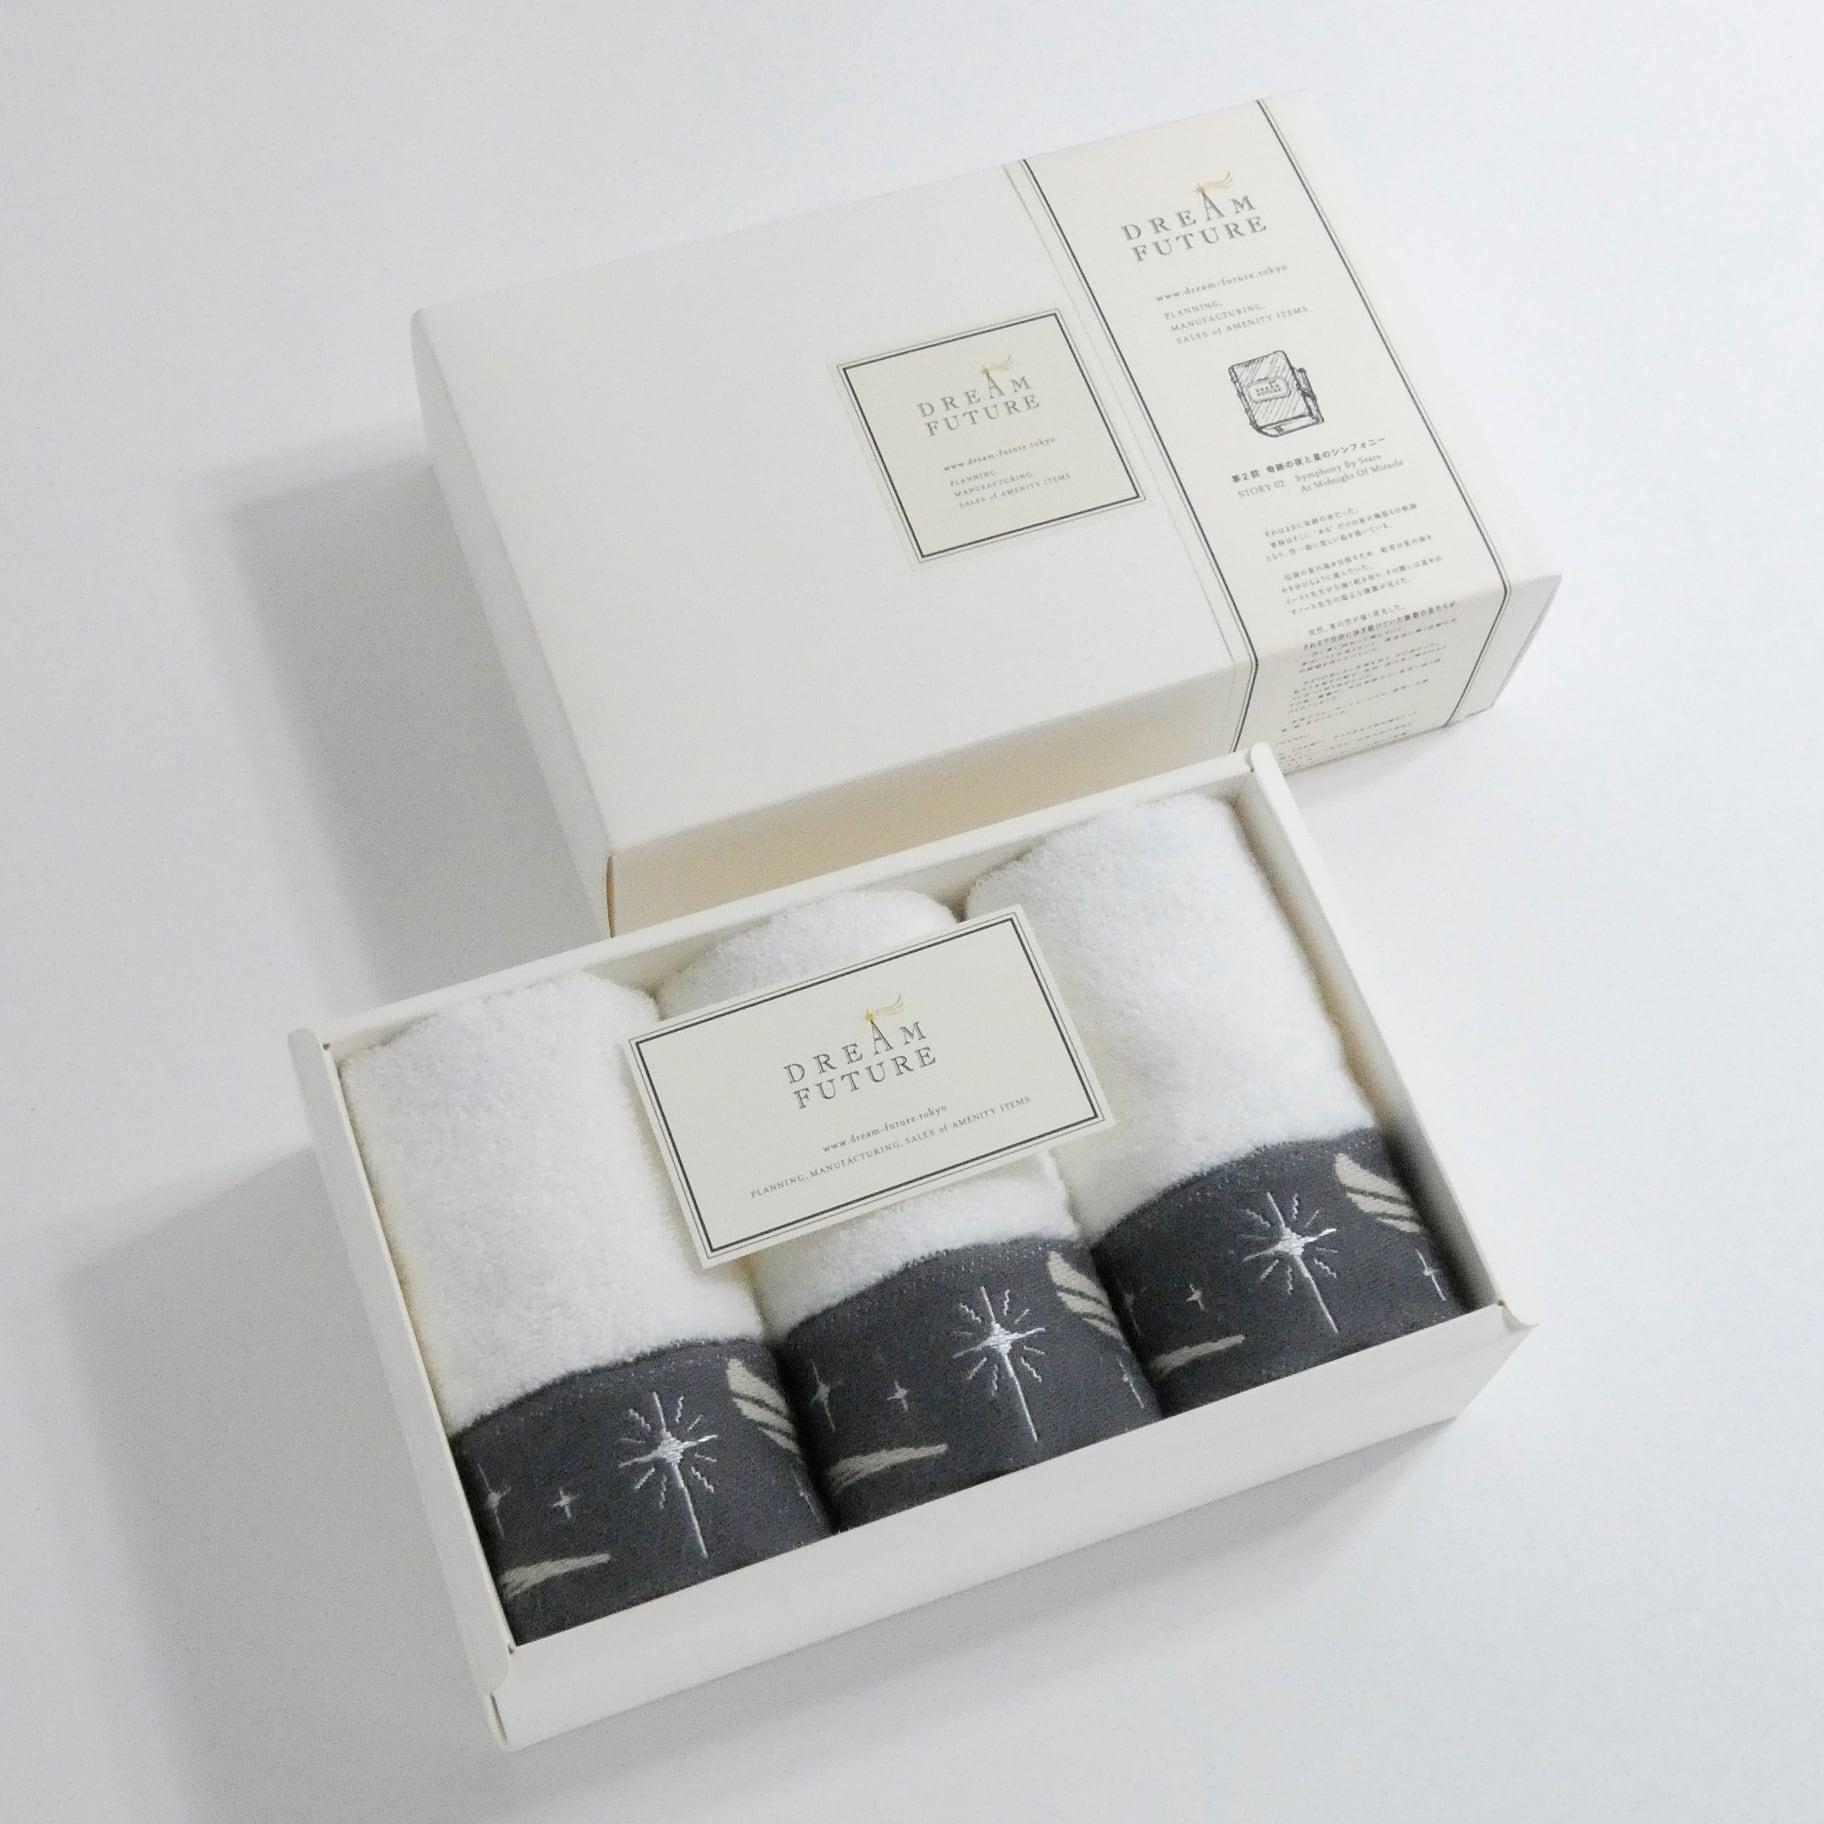 無撚糸(むねんし)高級Hand Towel 3枚SET Twinkle GRAY / Twinkle GRAY / Twinkle GRAY